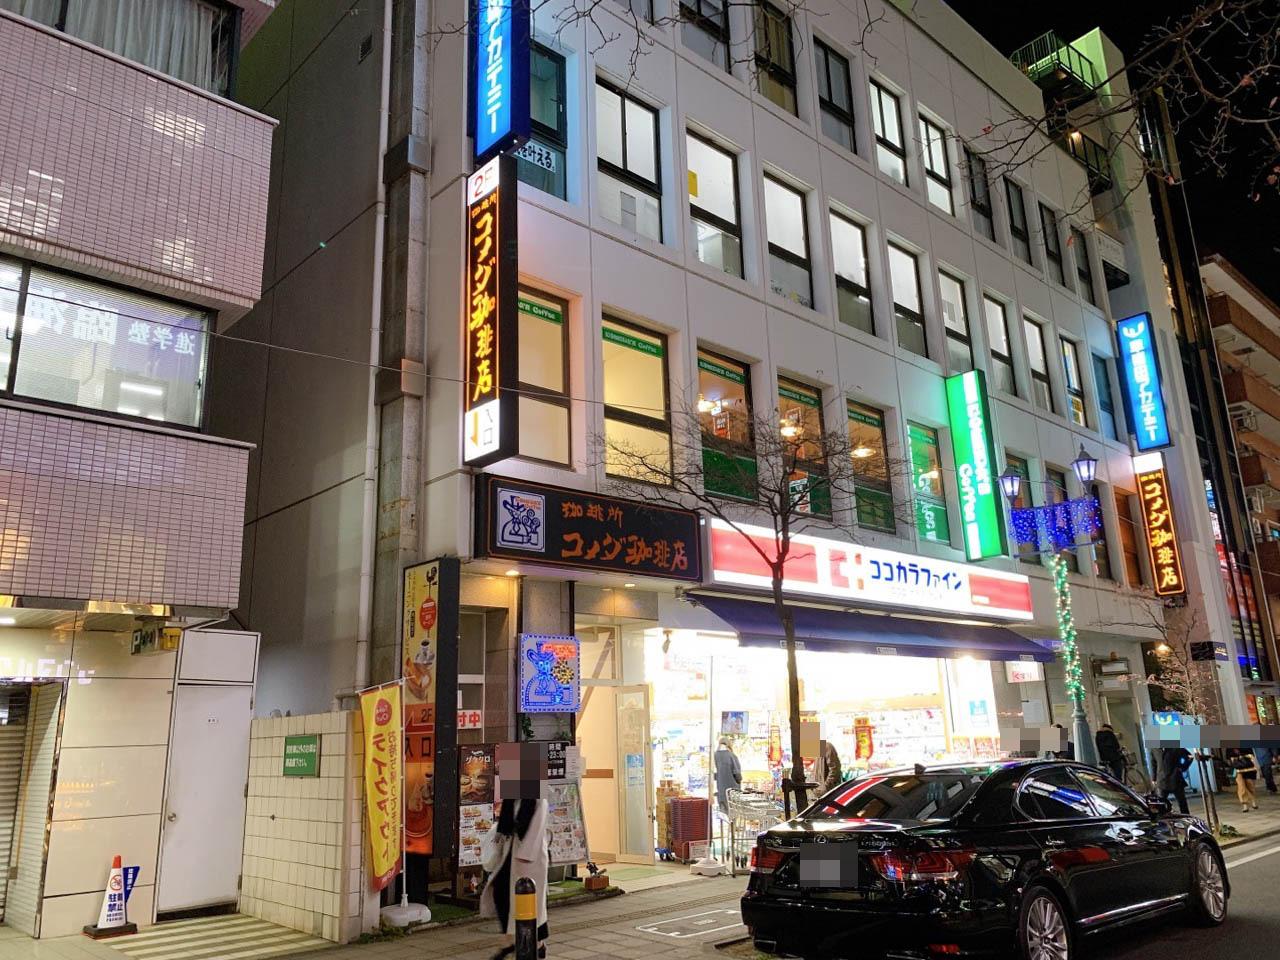 コメダ珈琲店 松戸伊勢丹通店・店舗情報